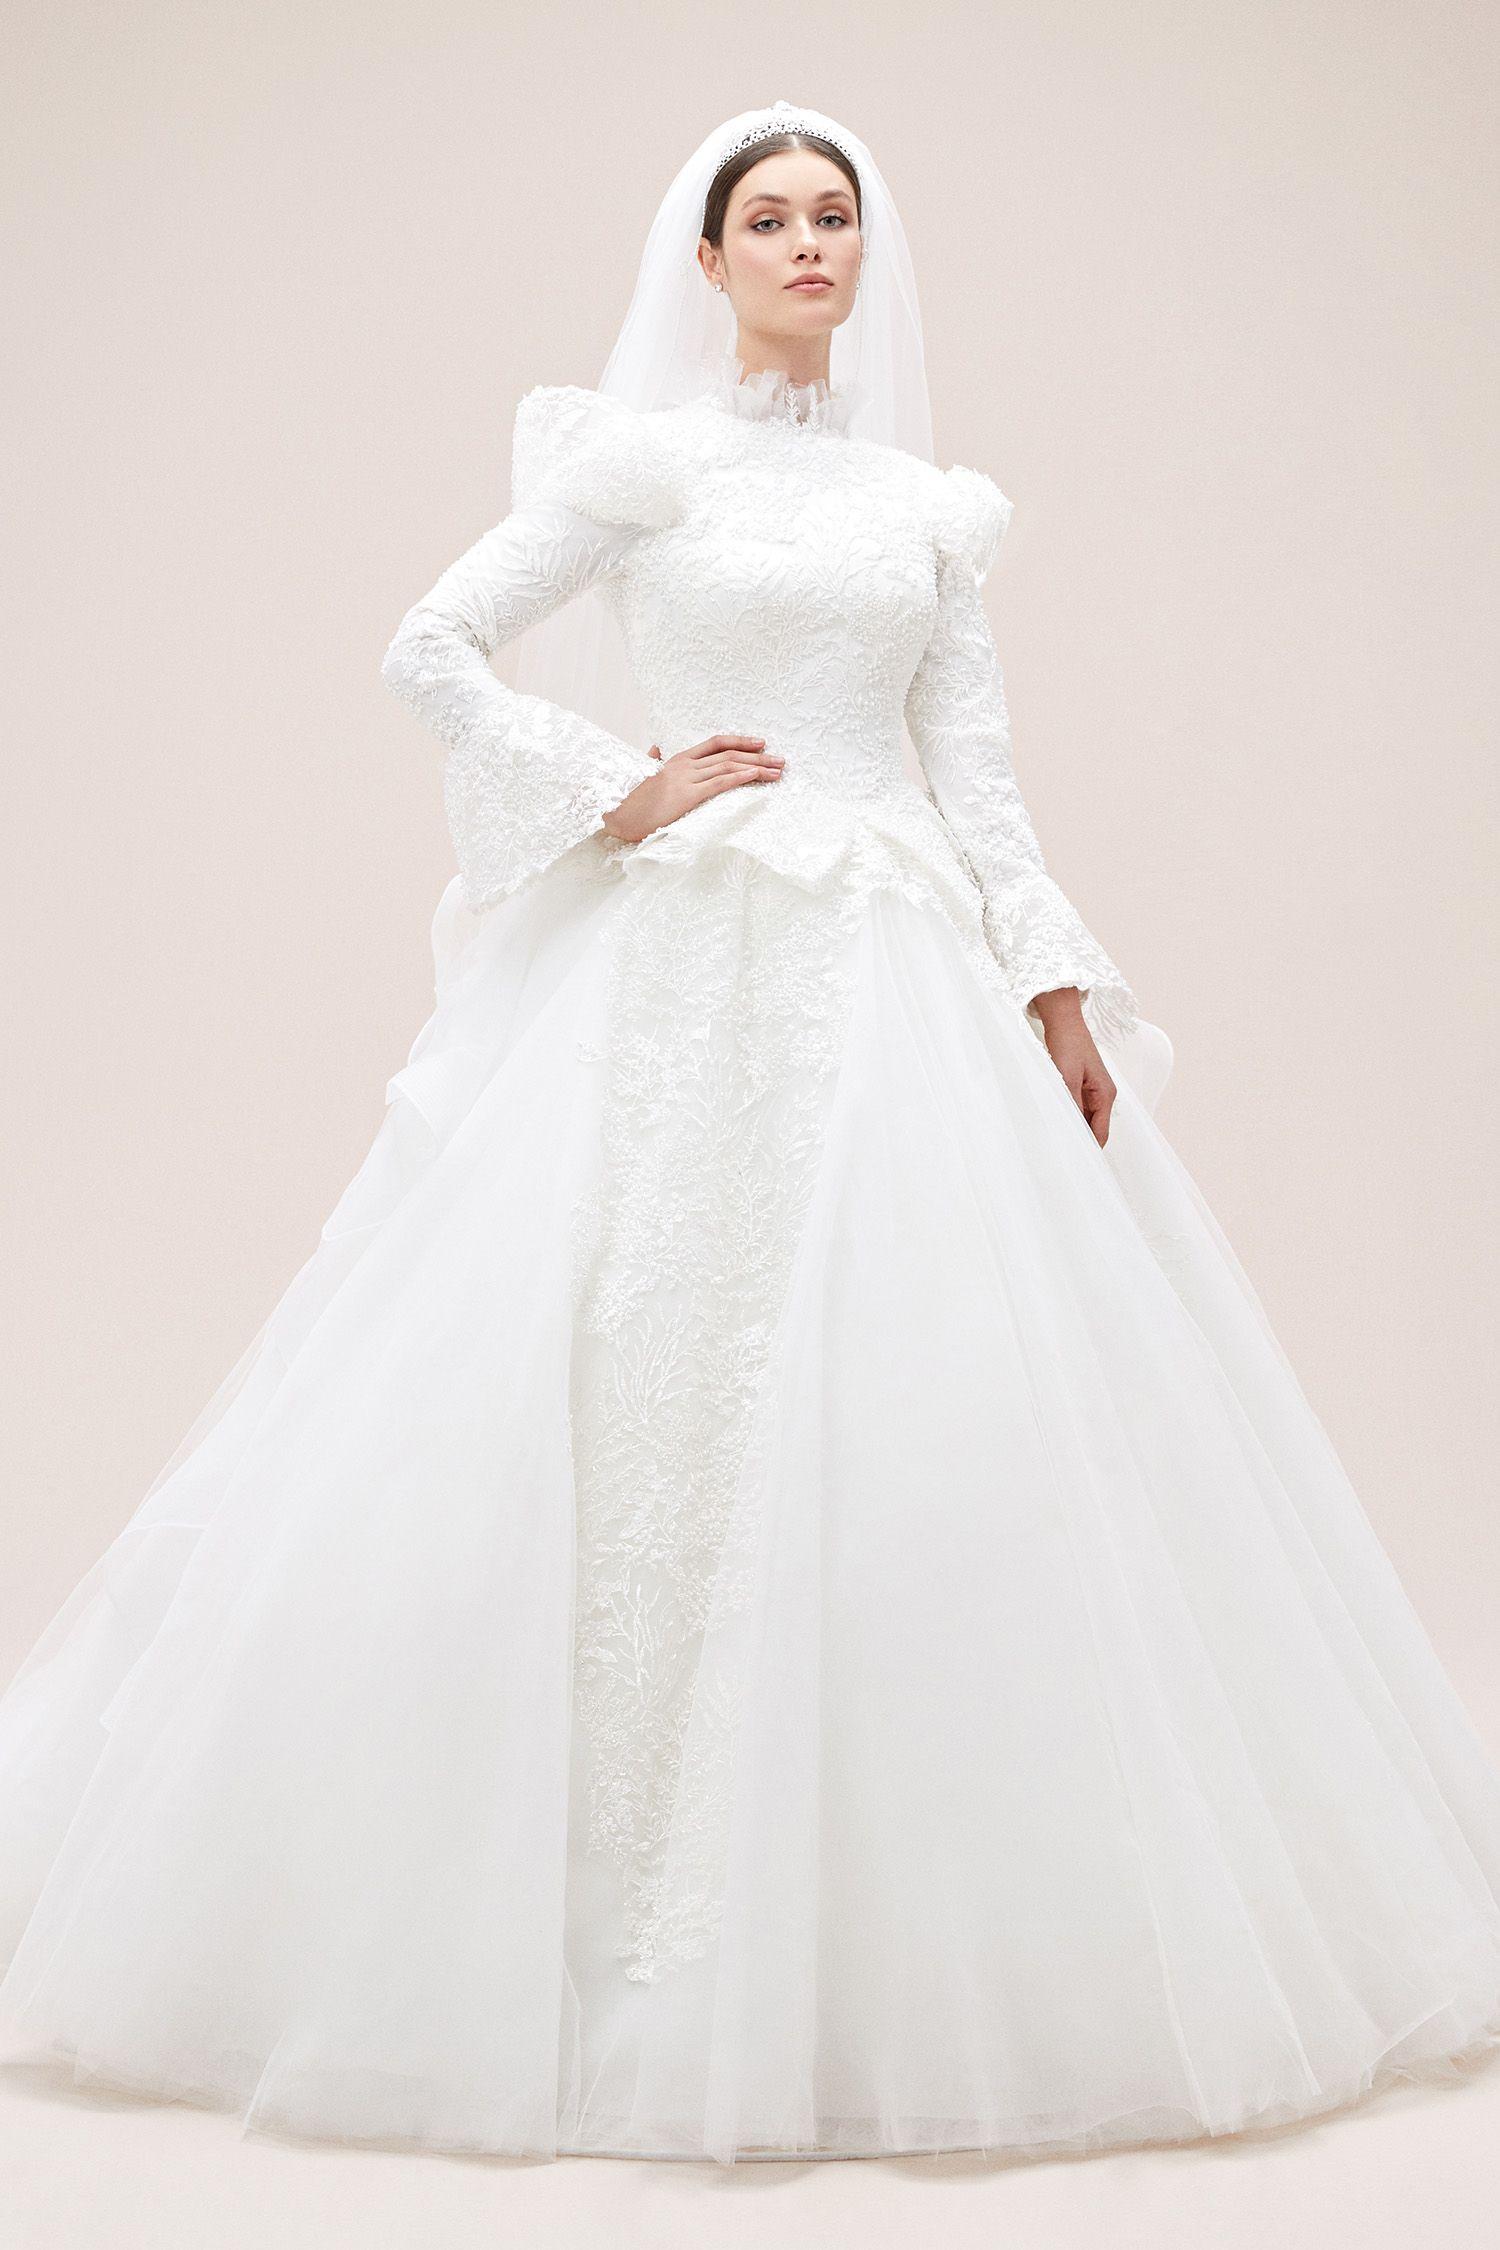 Dantel Islemeli Uzun Kollu Belden Oturtmali Balo Tipi Tesettur Gelinlik 2020 The Dress Gelinlik Resmi Elbise